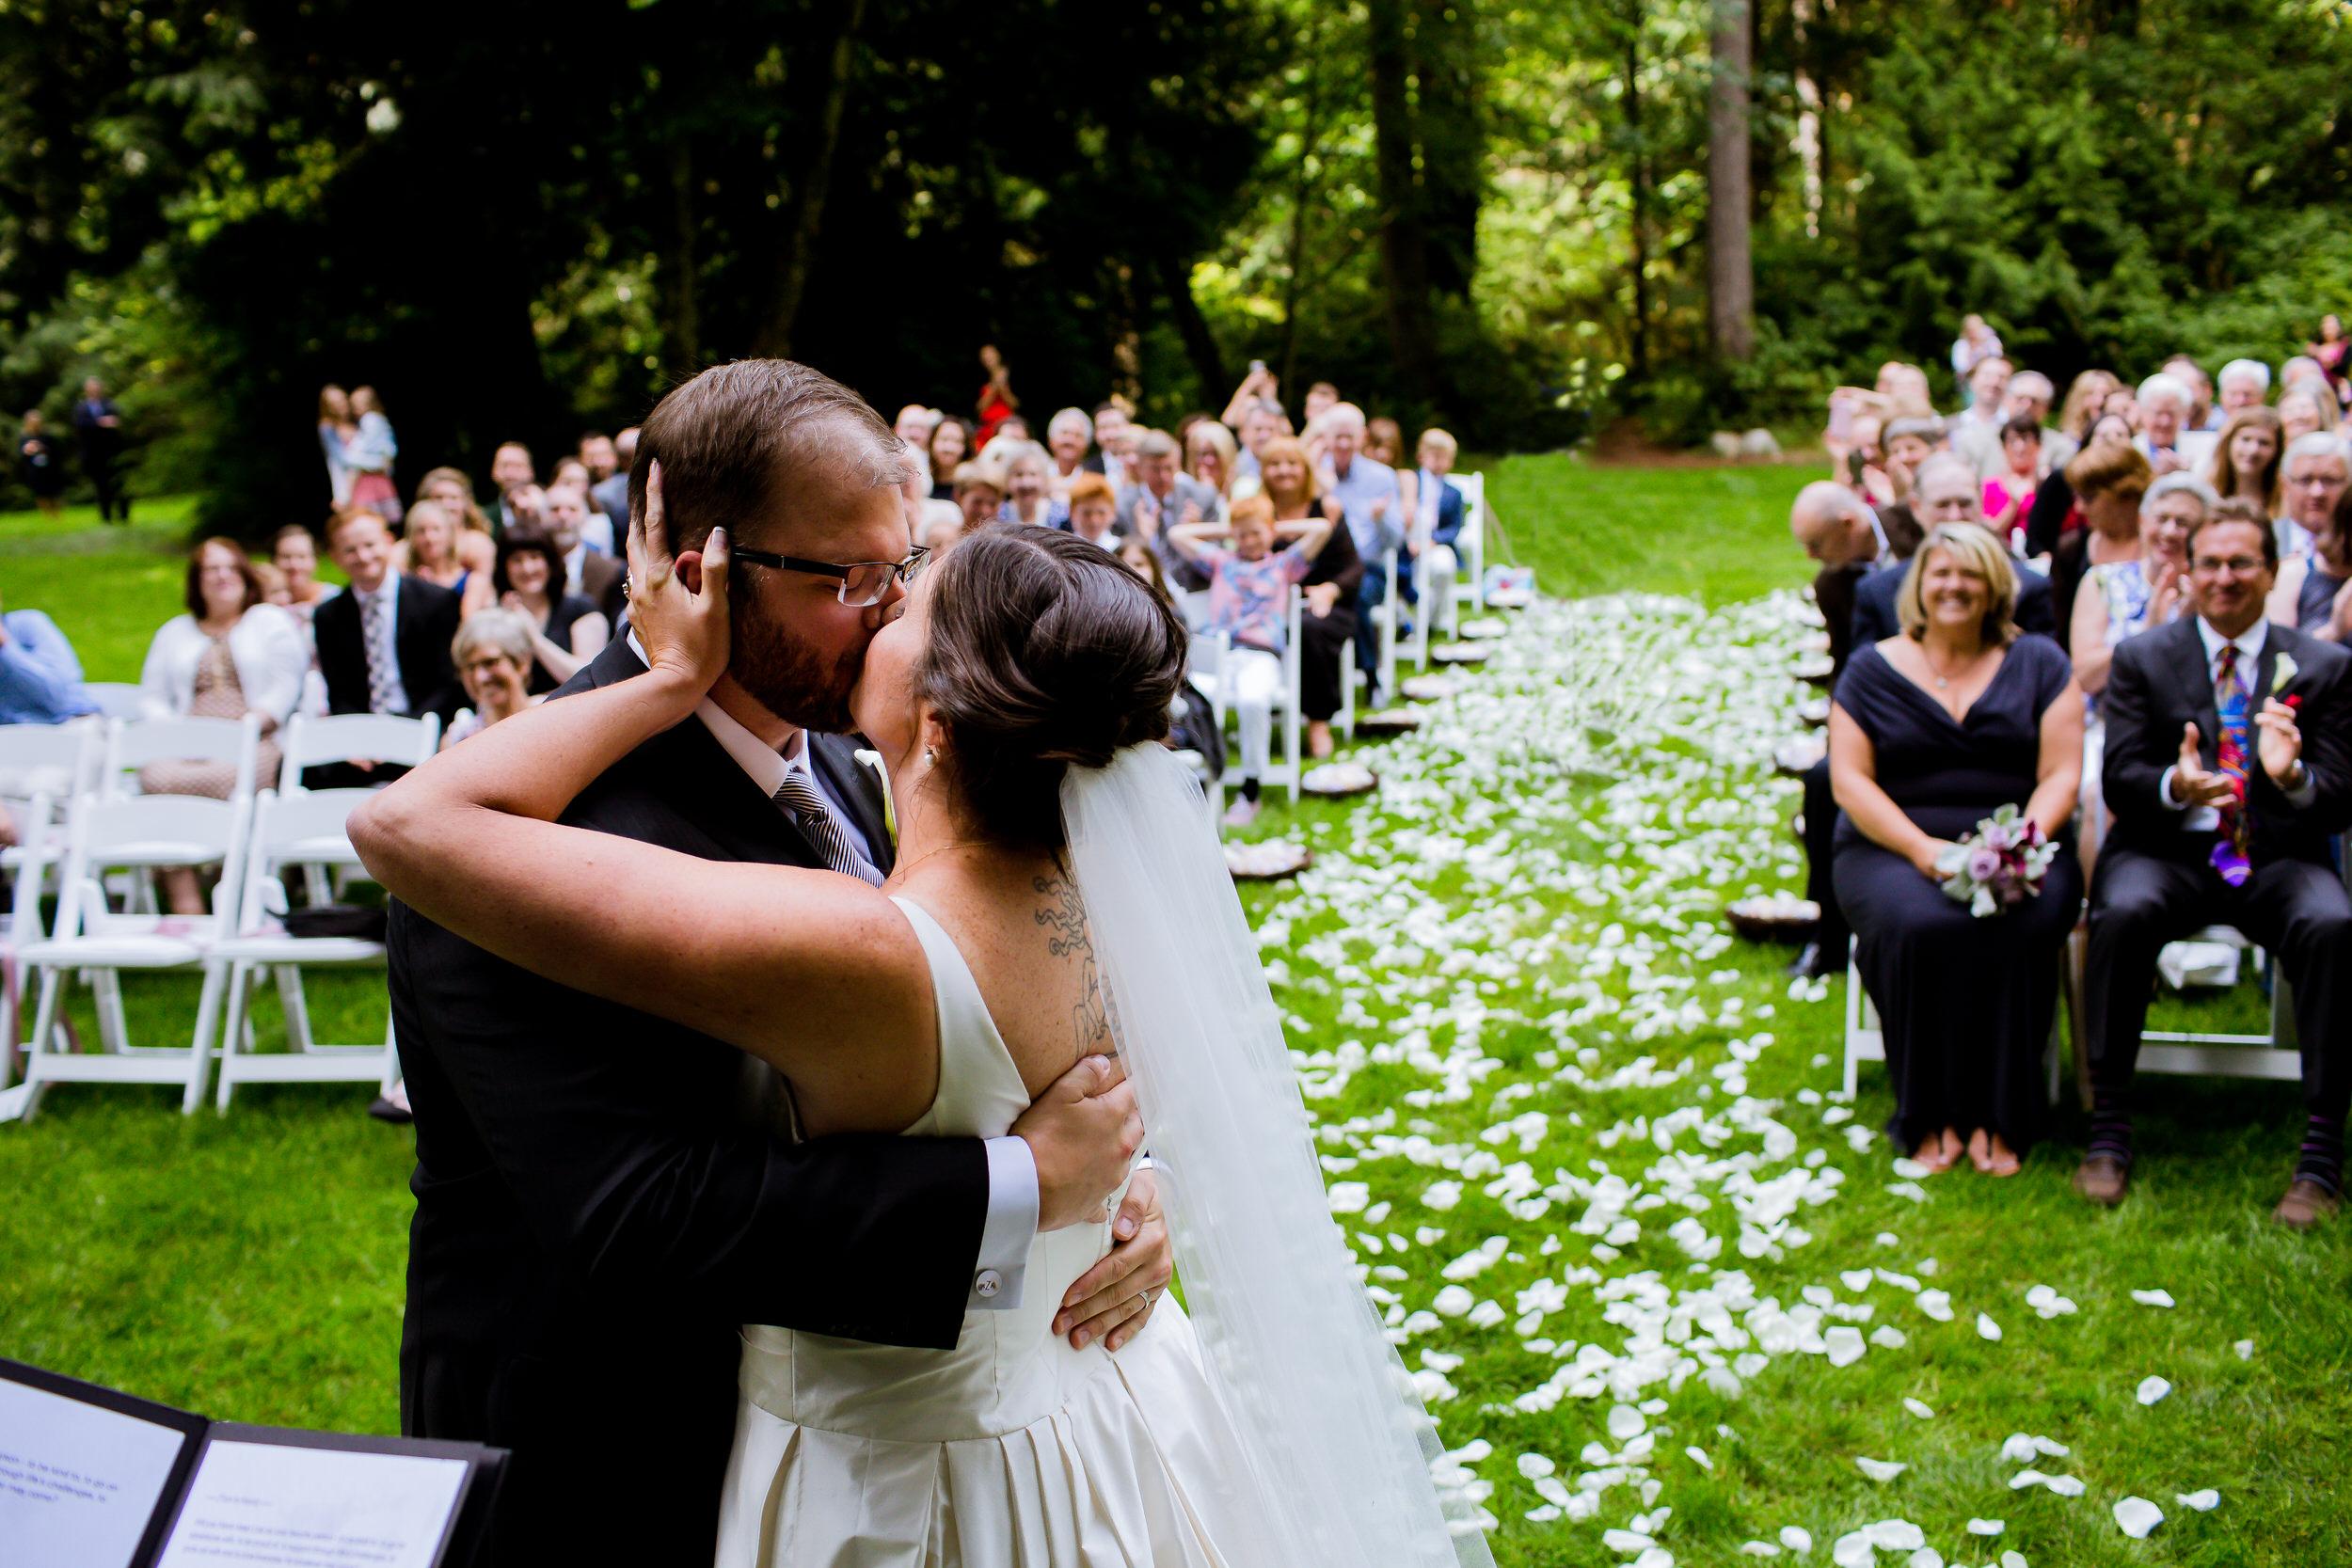 Islandwood_Retreat_Bambridge_Island_Washington_Wedding_057